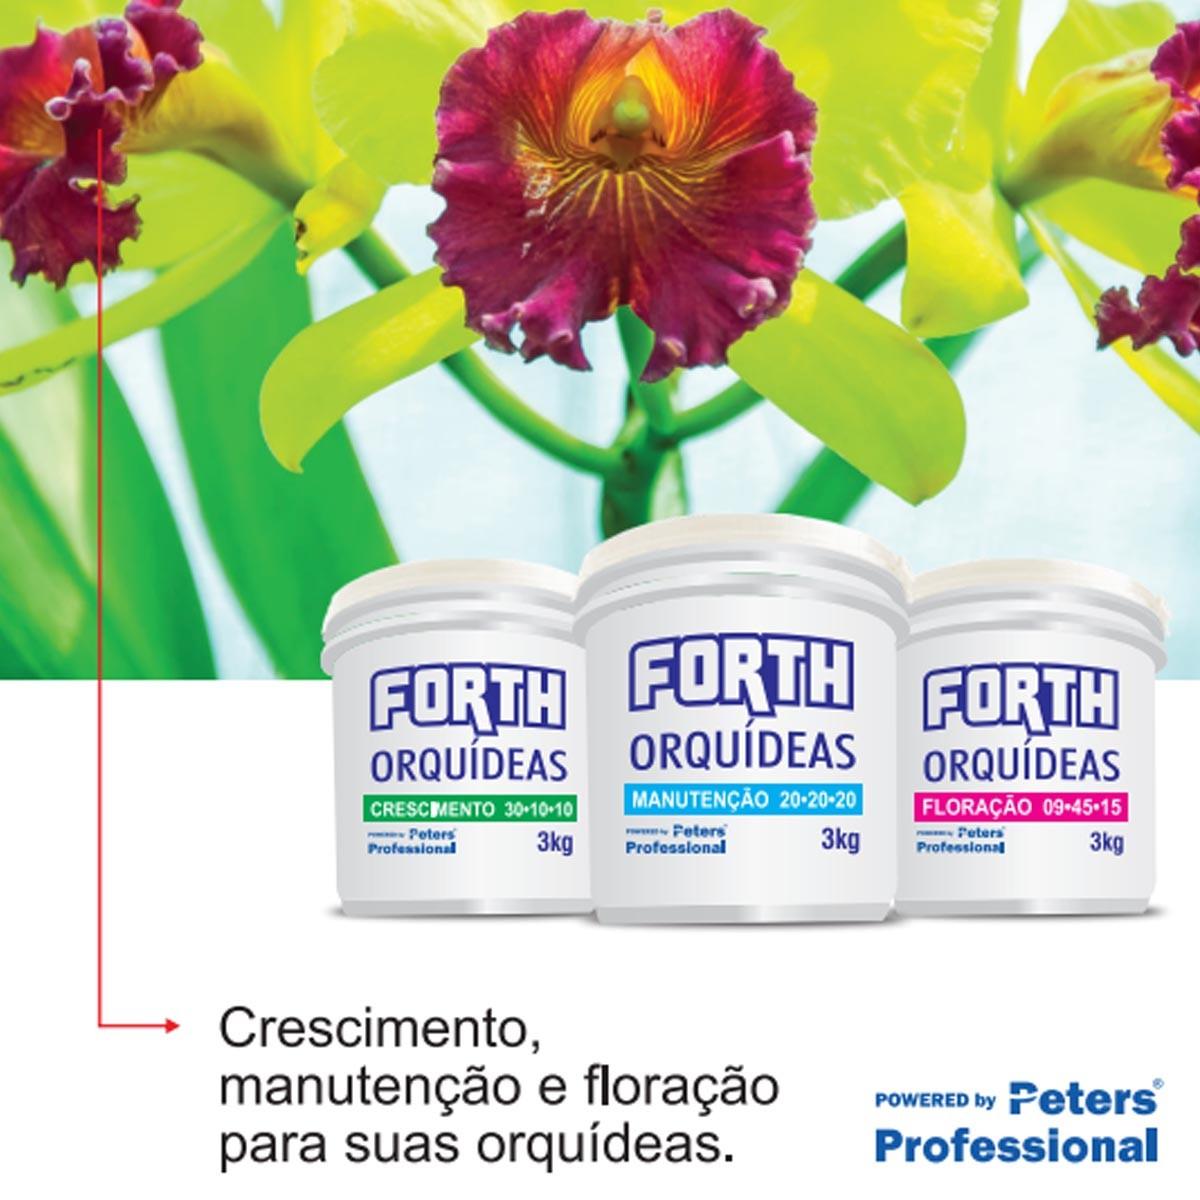 Kit Fertilizante Forth Orquídea Crescimento Floração Manutenção Enraizador